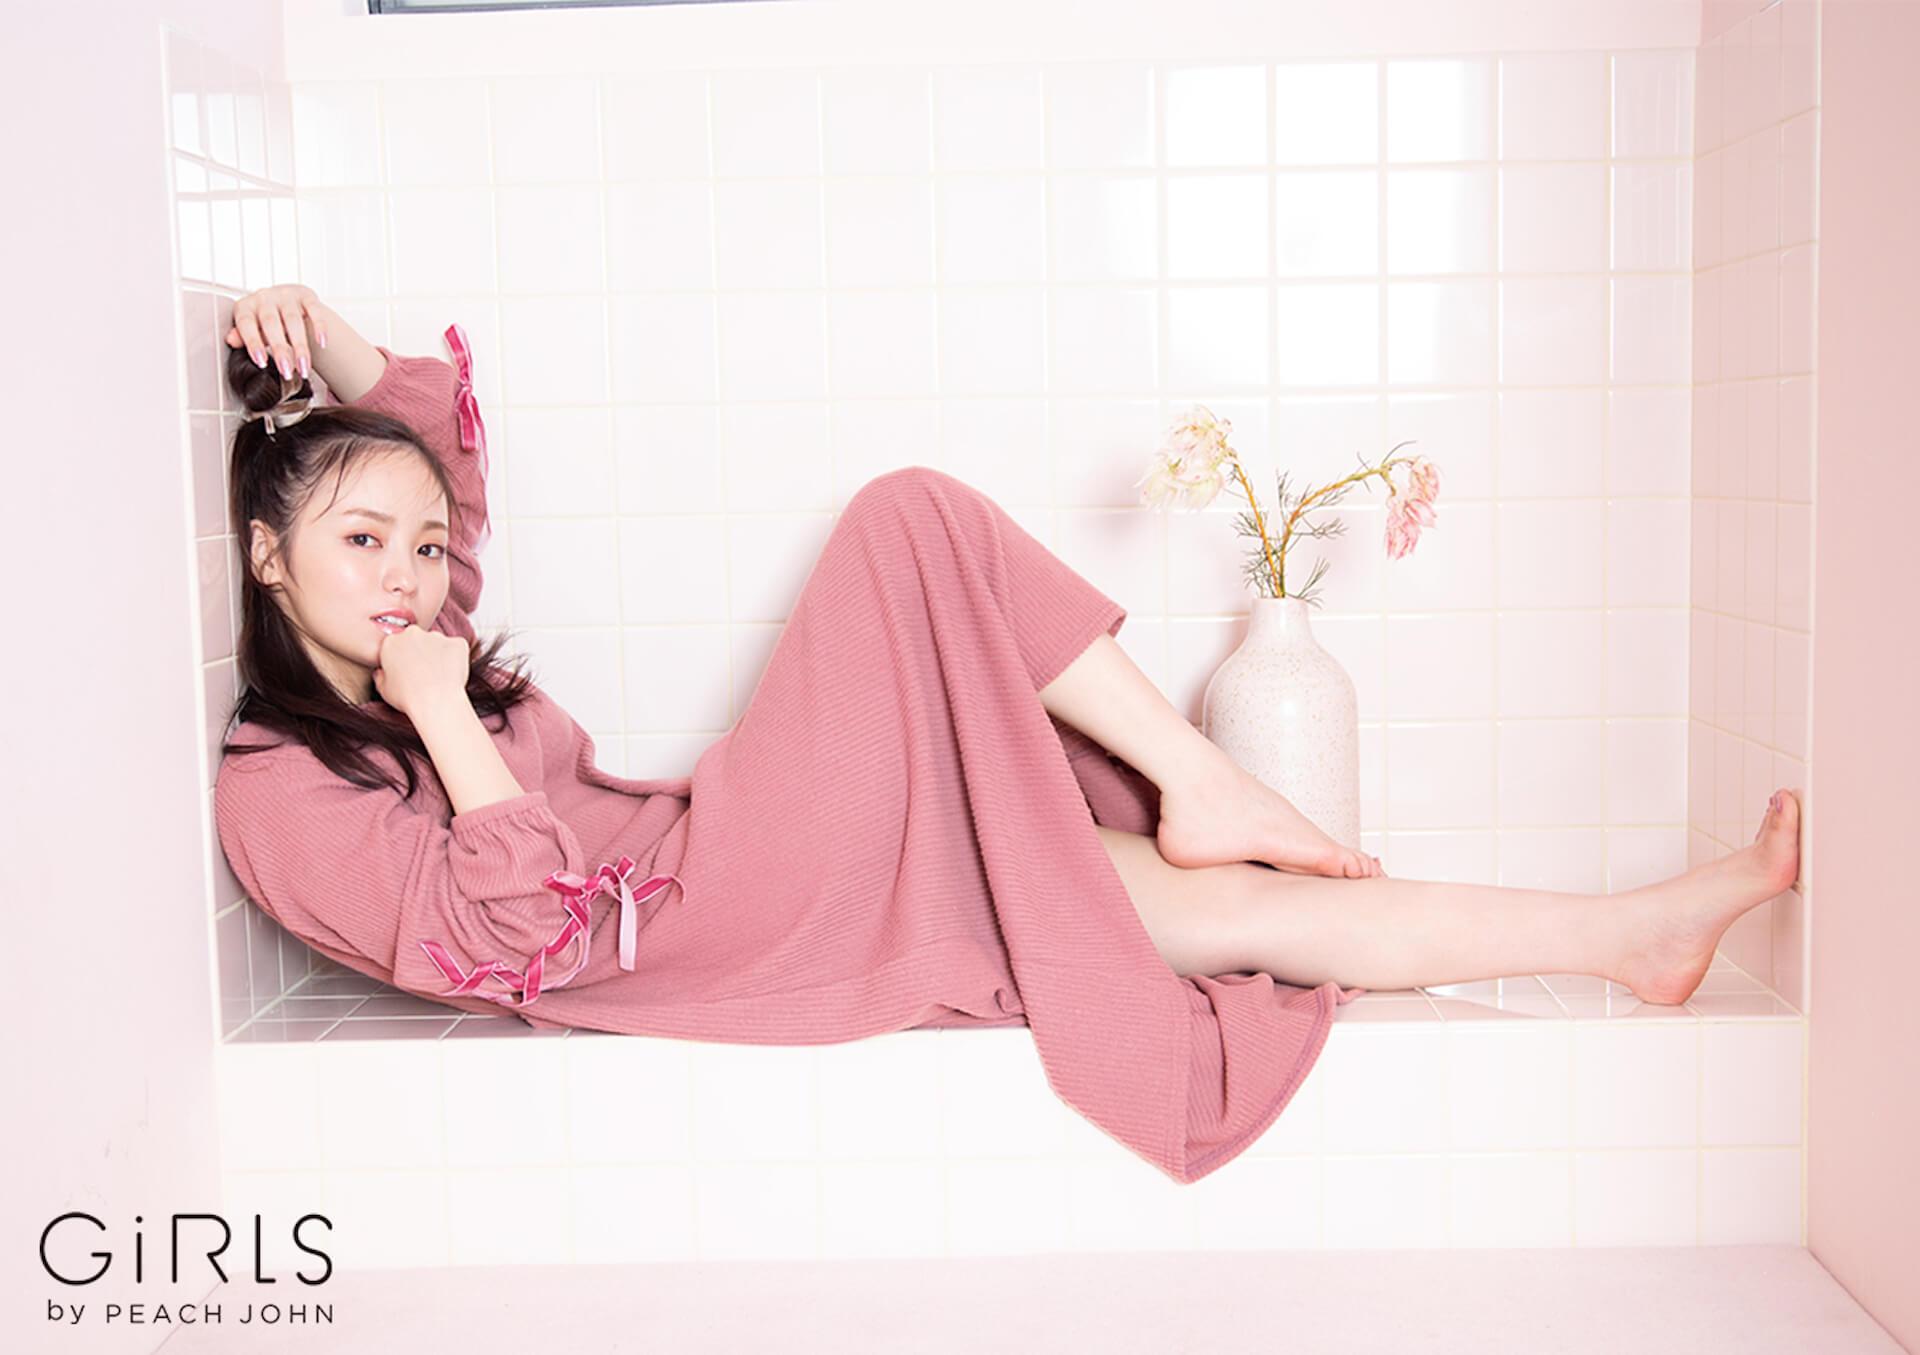 ふんわり美バストで人気の今泉佑唯がGiRLS by PEACH JOHNの新コレクションを着用!ホリデイシーズンを感じさせる新ビジュアルが公開 art201008_imaizumiyui_6